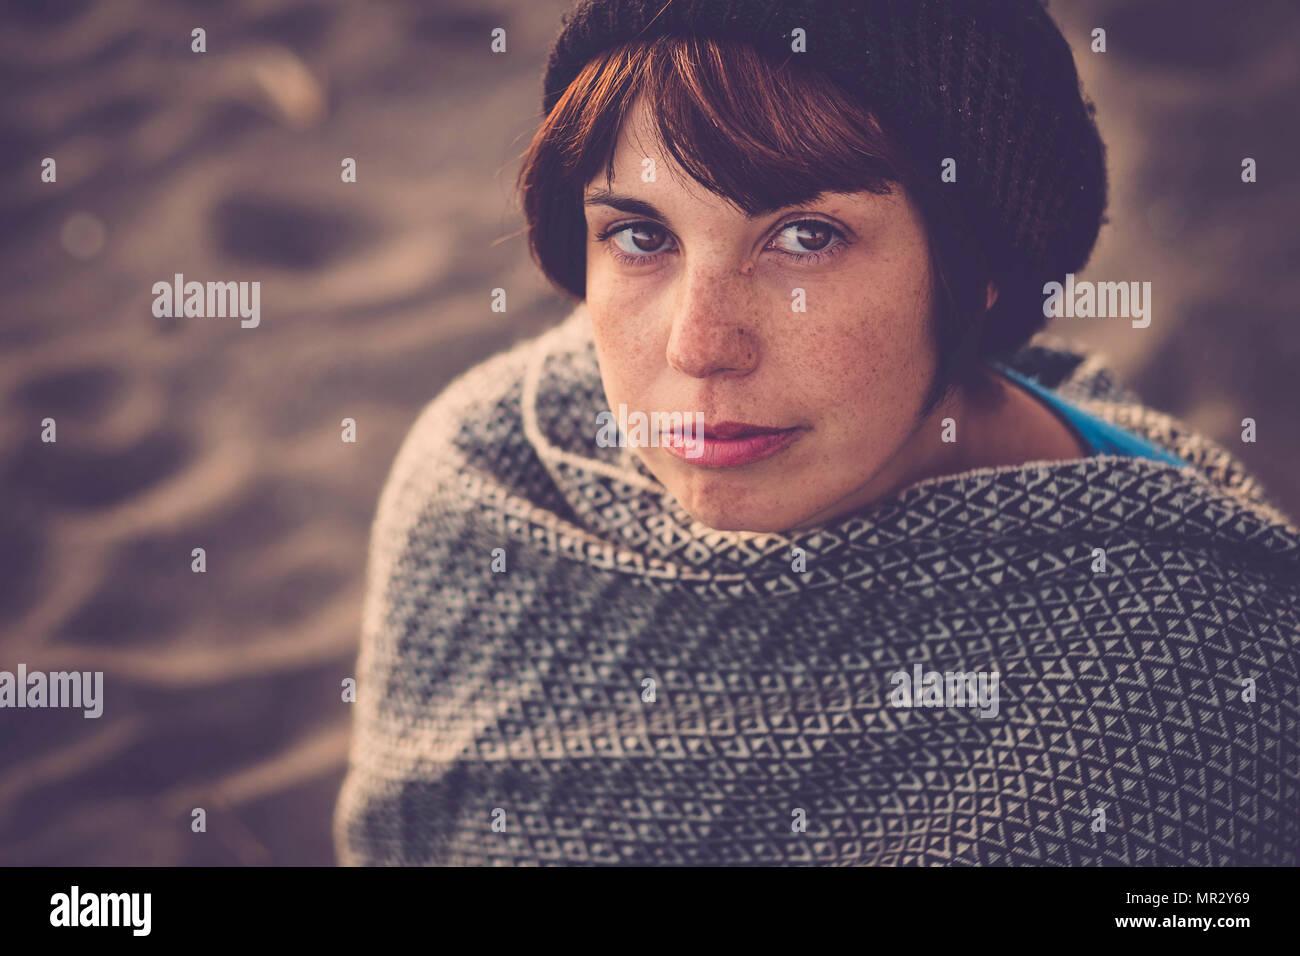 Nette junge Dame Porträt im Vintage Style Filter. schauen in die Kamera mit Sommersprossen im Gesicht Stockbild